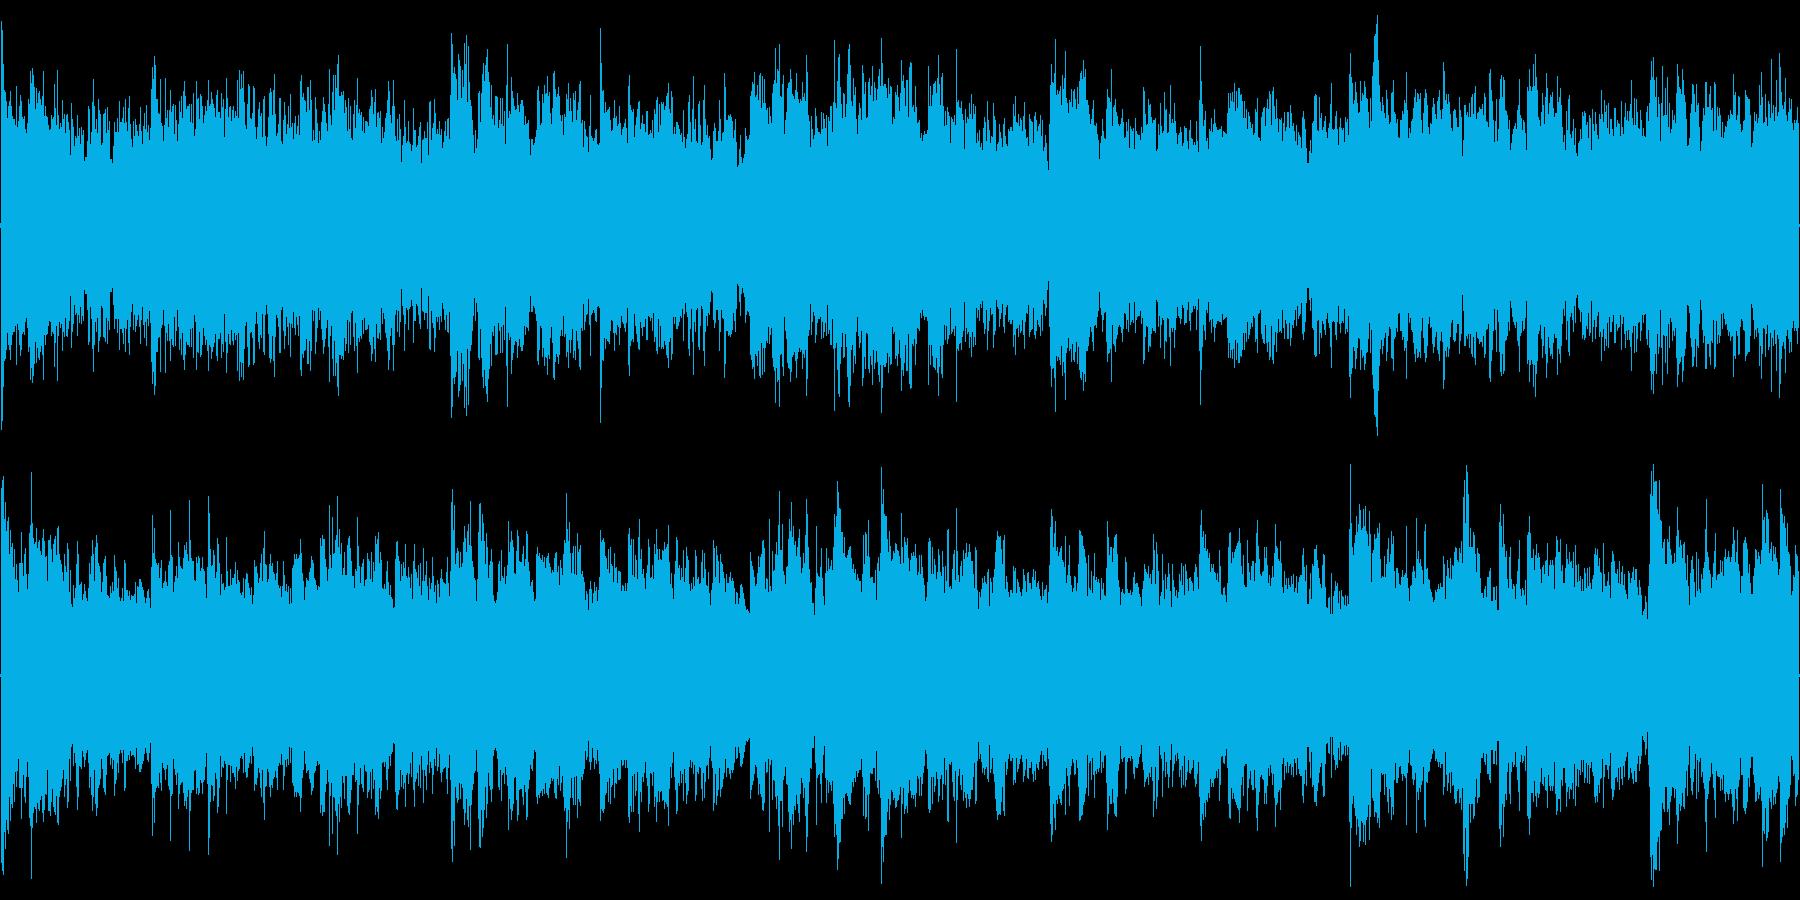 【ドラム抜き】爽やかでおしゃれな雰囲気の再生済みの波形